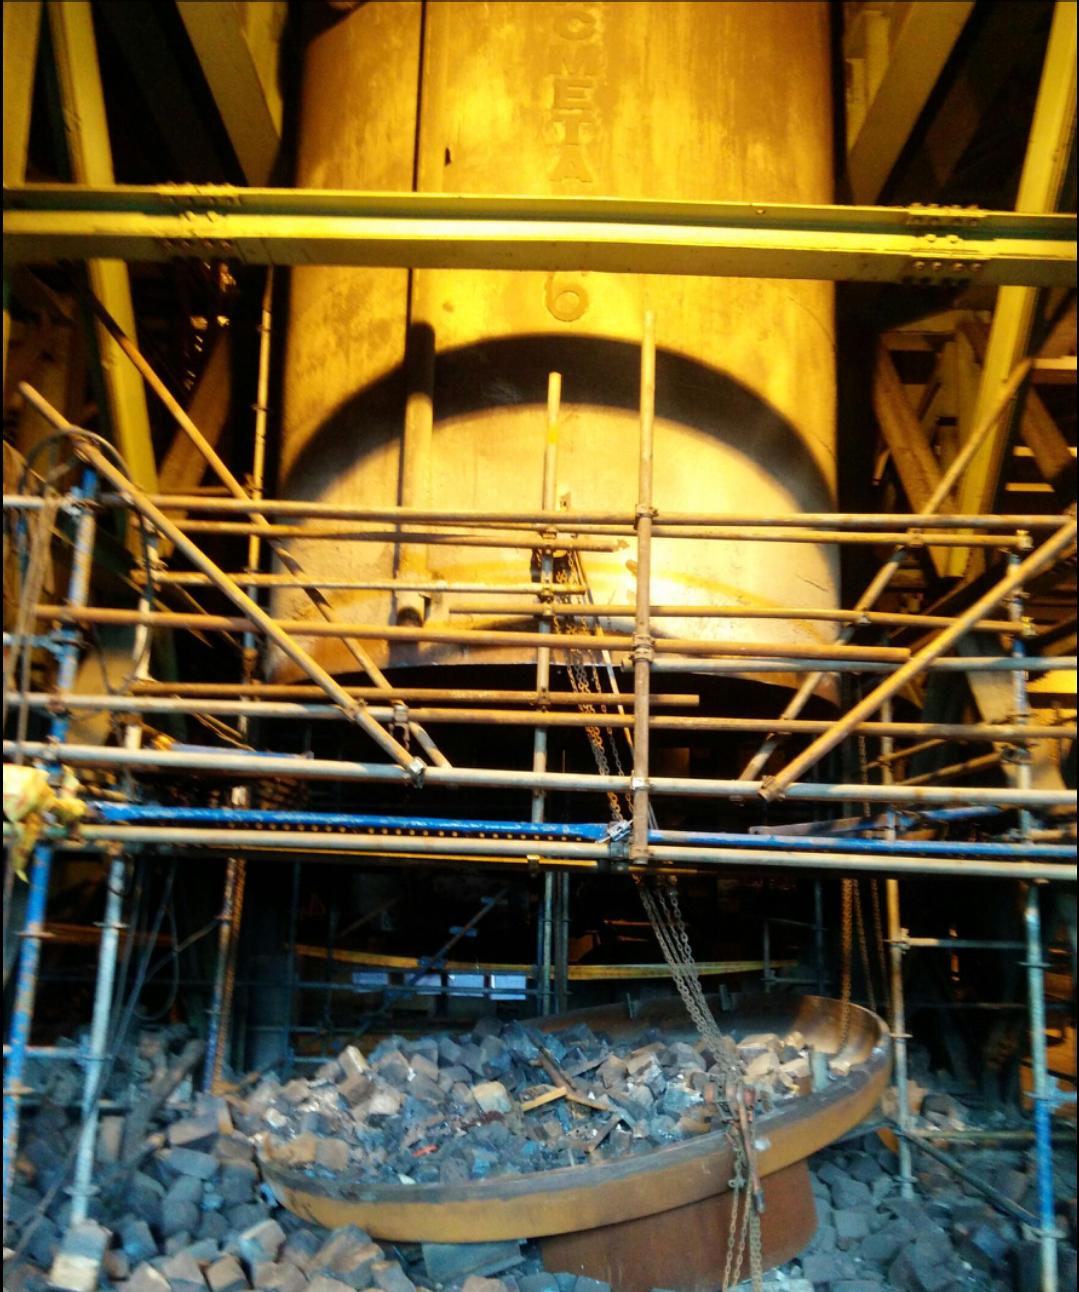 中鋼W392煉鋼廠真空築爐區10日上午10點45分雇用包商施作防火磚吊掛作業時,...